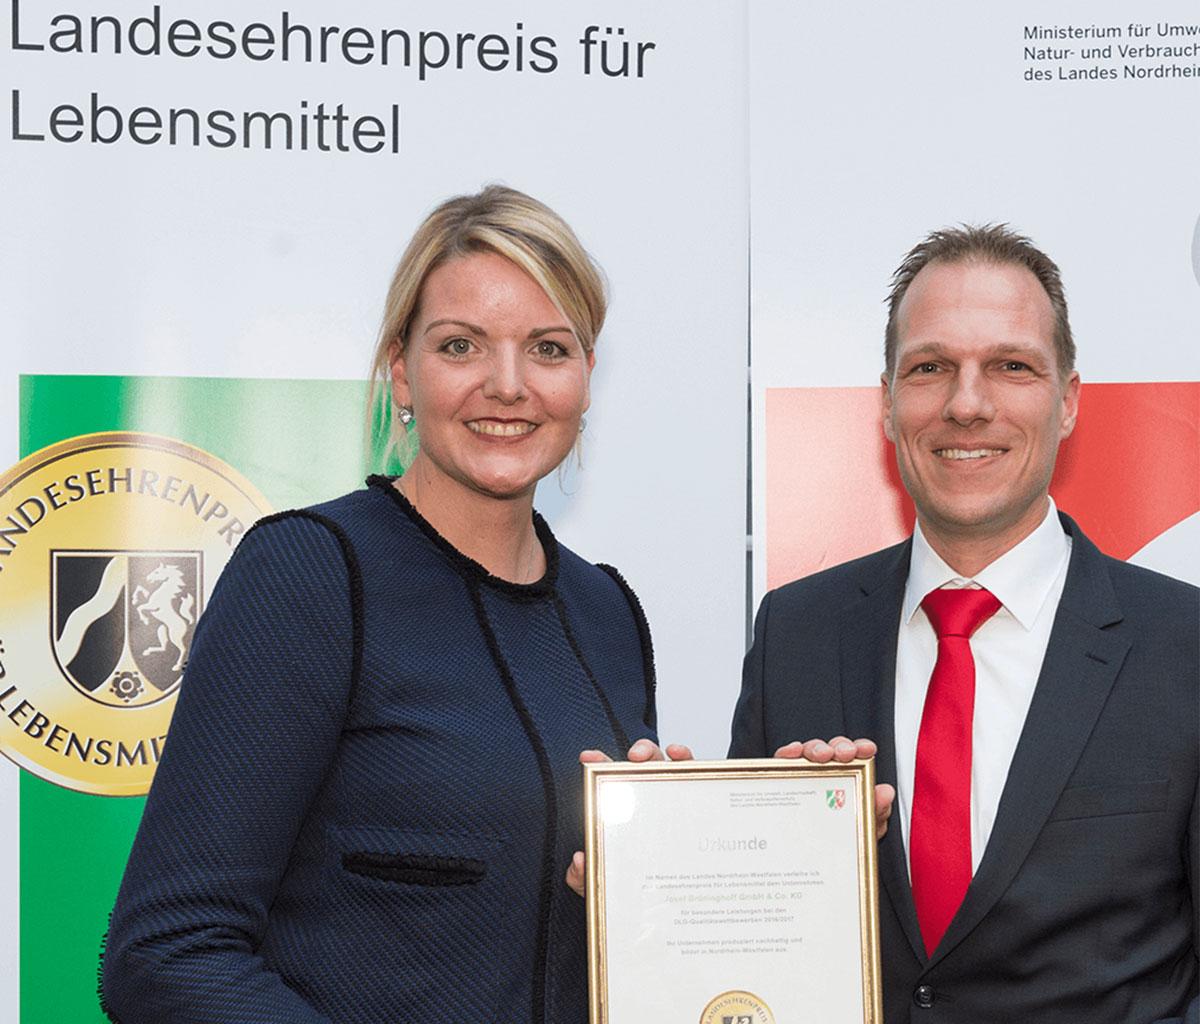 """""""Landesehrenpreis für Lebensmittel 2017"""""""